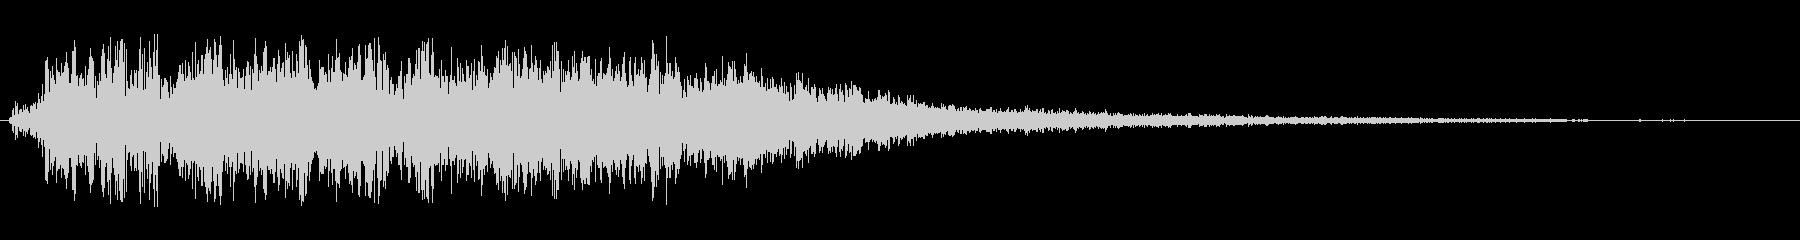 シャララ系アップ(かわいい)の未再生の波形